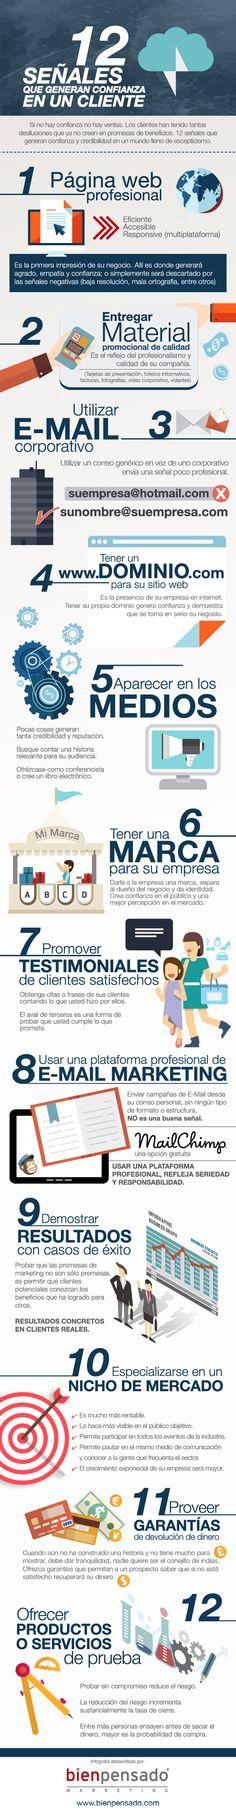 12 señales que construyen confianza en un cliente http://rubendelaosa.com @rubendelaosa #infografia